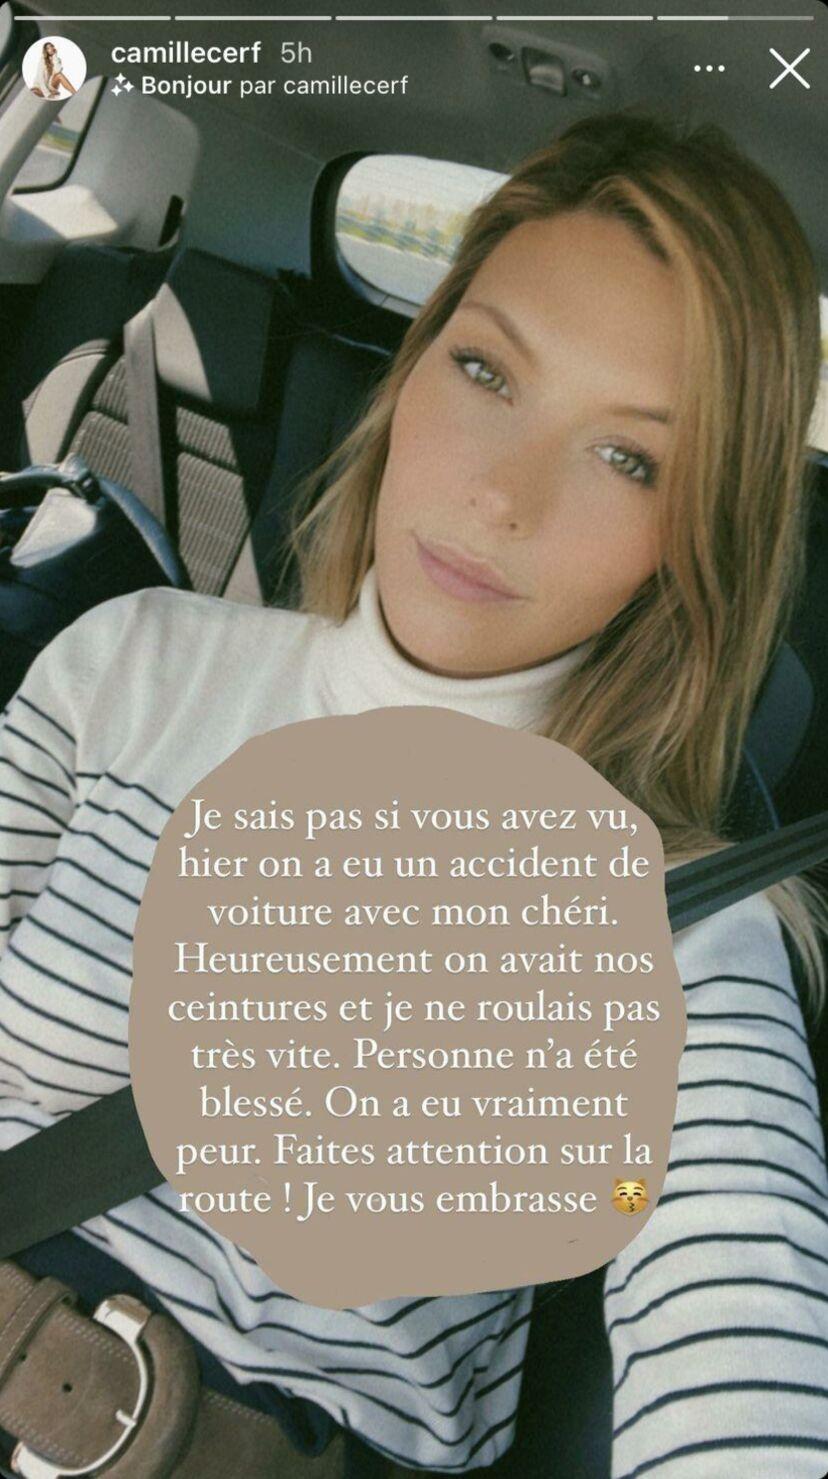 Camille Cerf a donné des nouvelles rassurantes au lendemain de son accident de voiture, dans la story de son compte Instagram, ce mardi 27 avril.